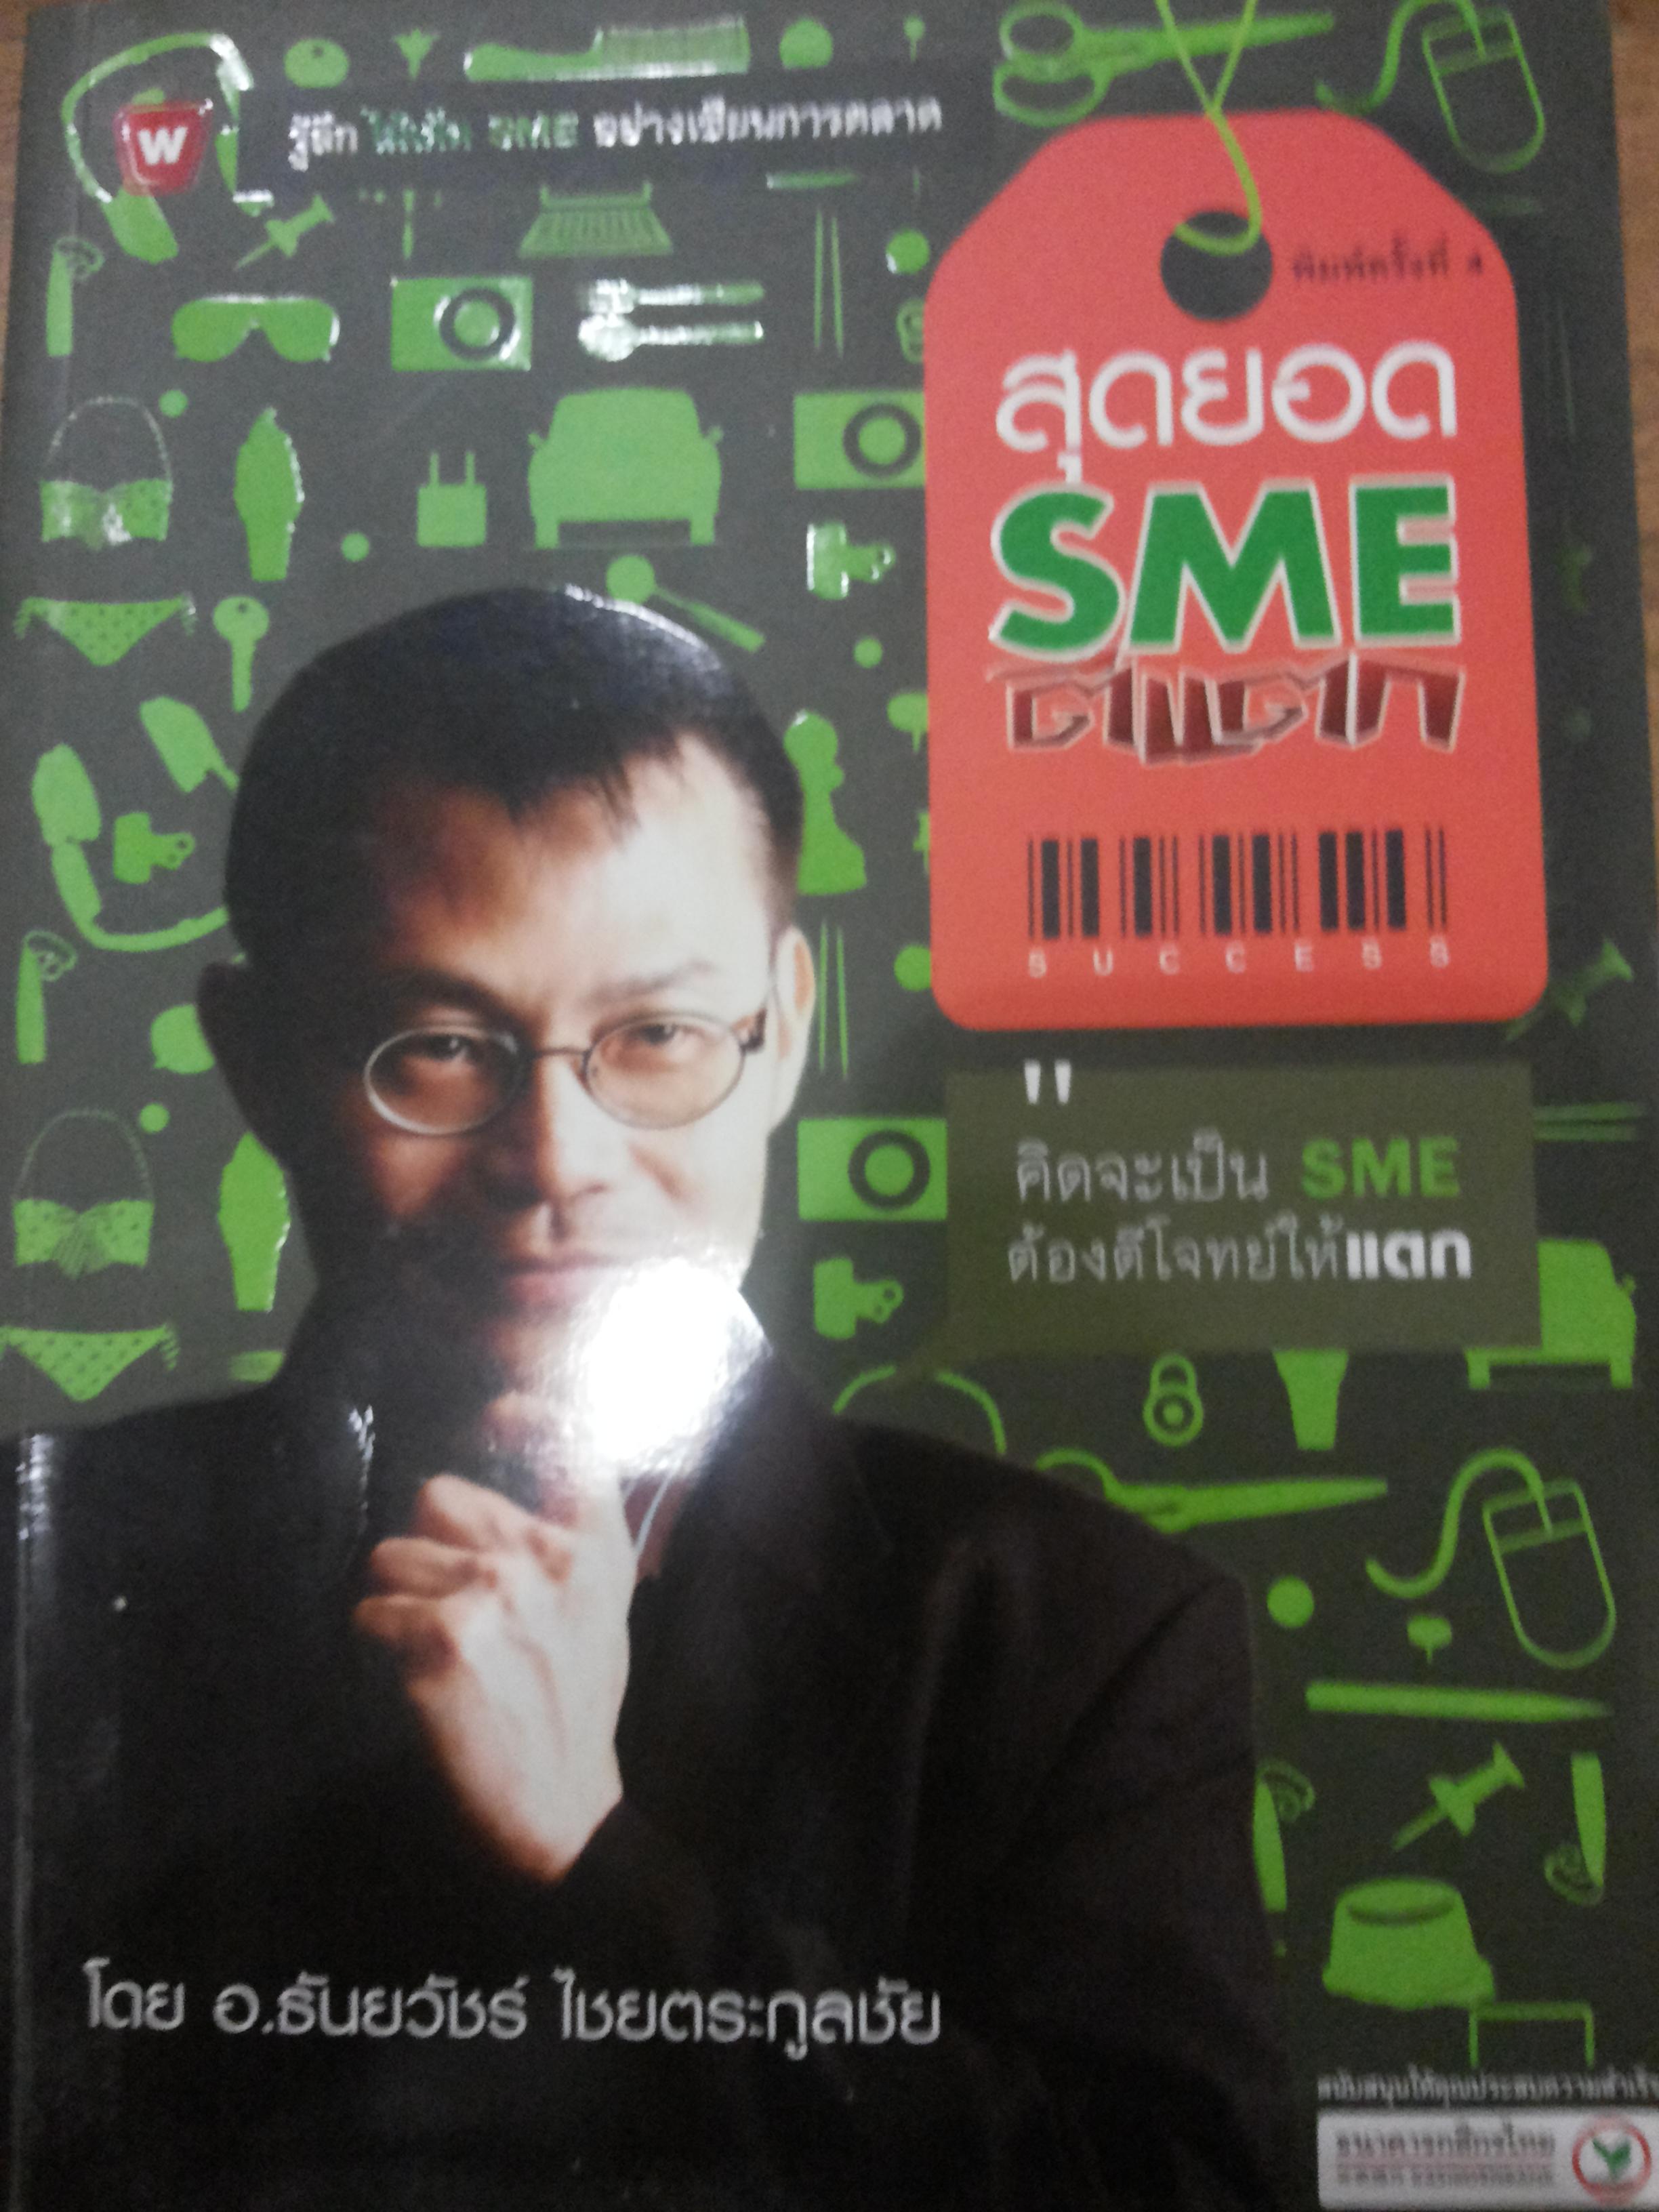 สุดยอด SME ตีแตก